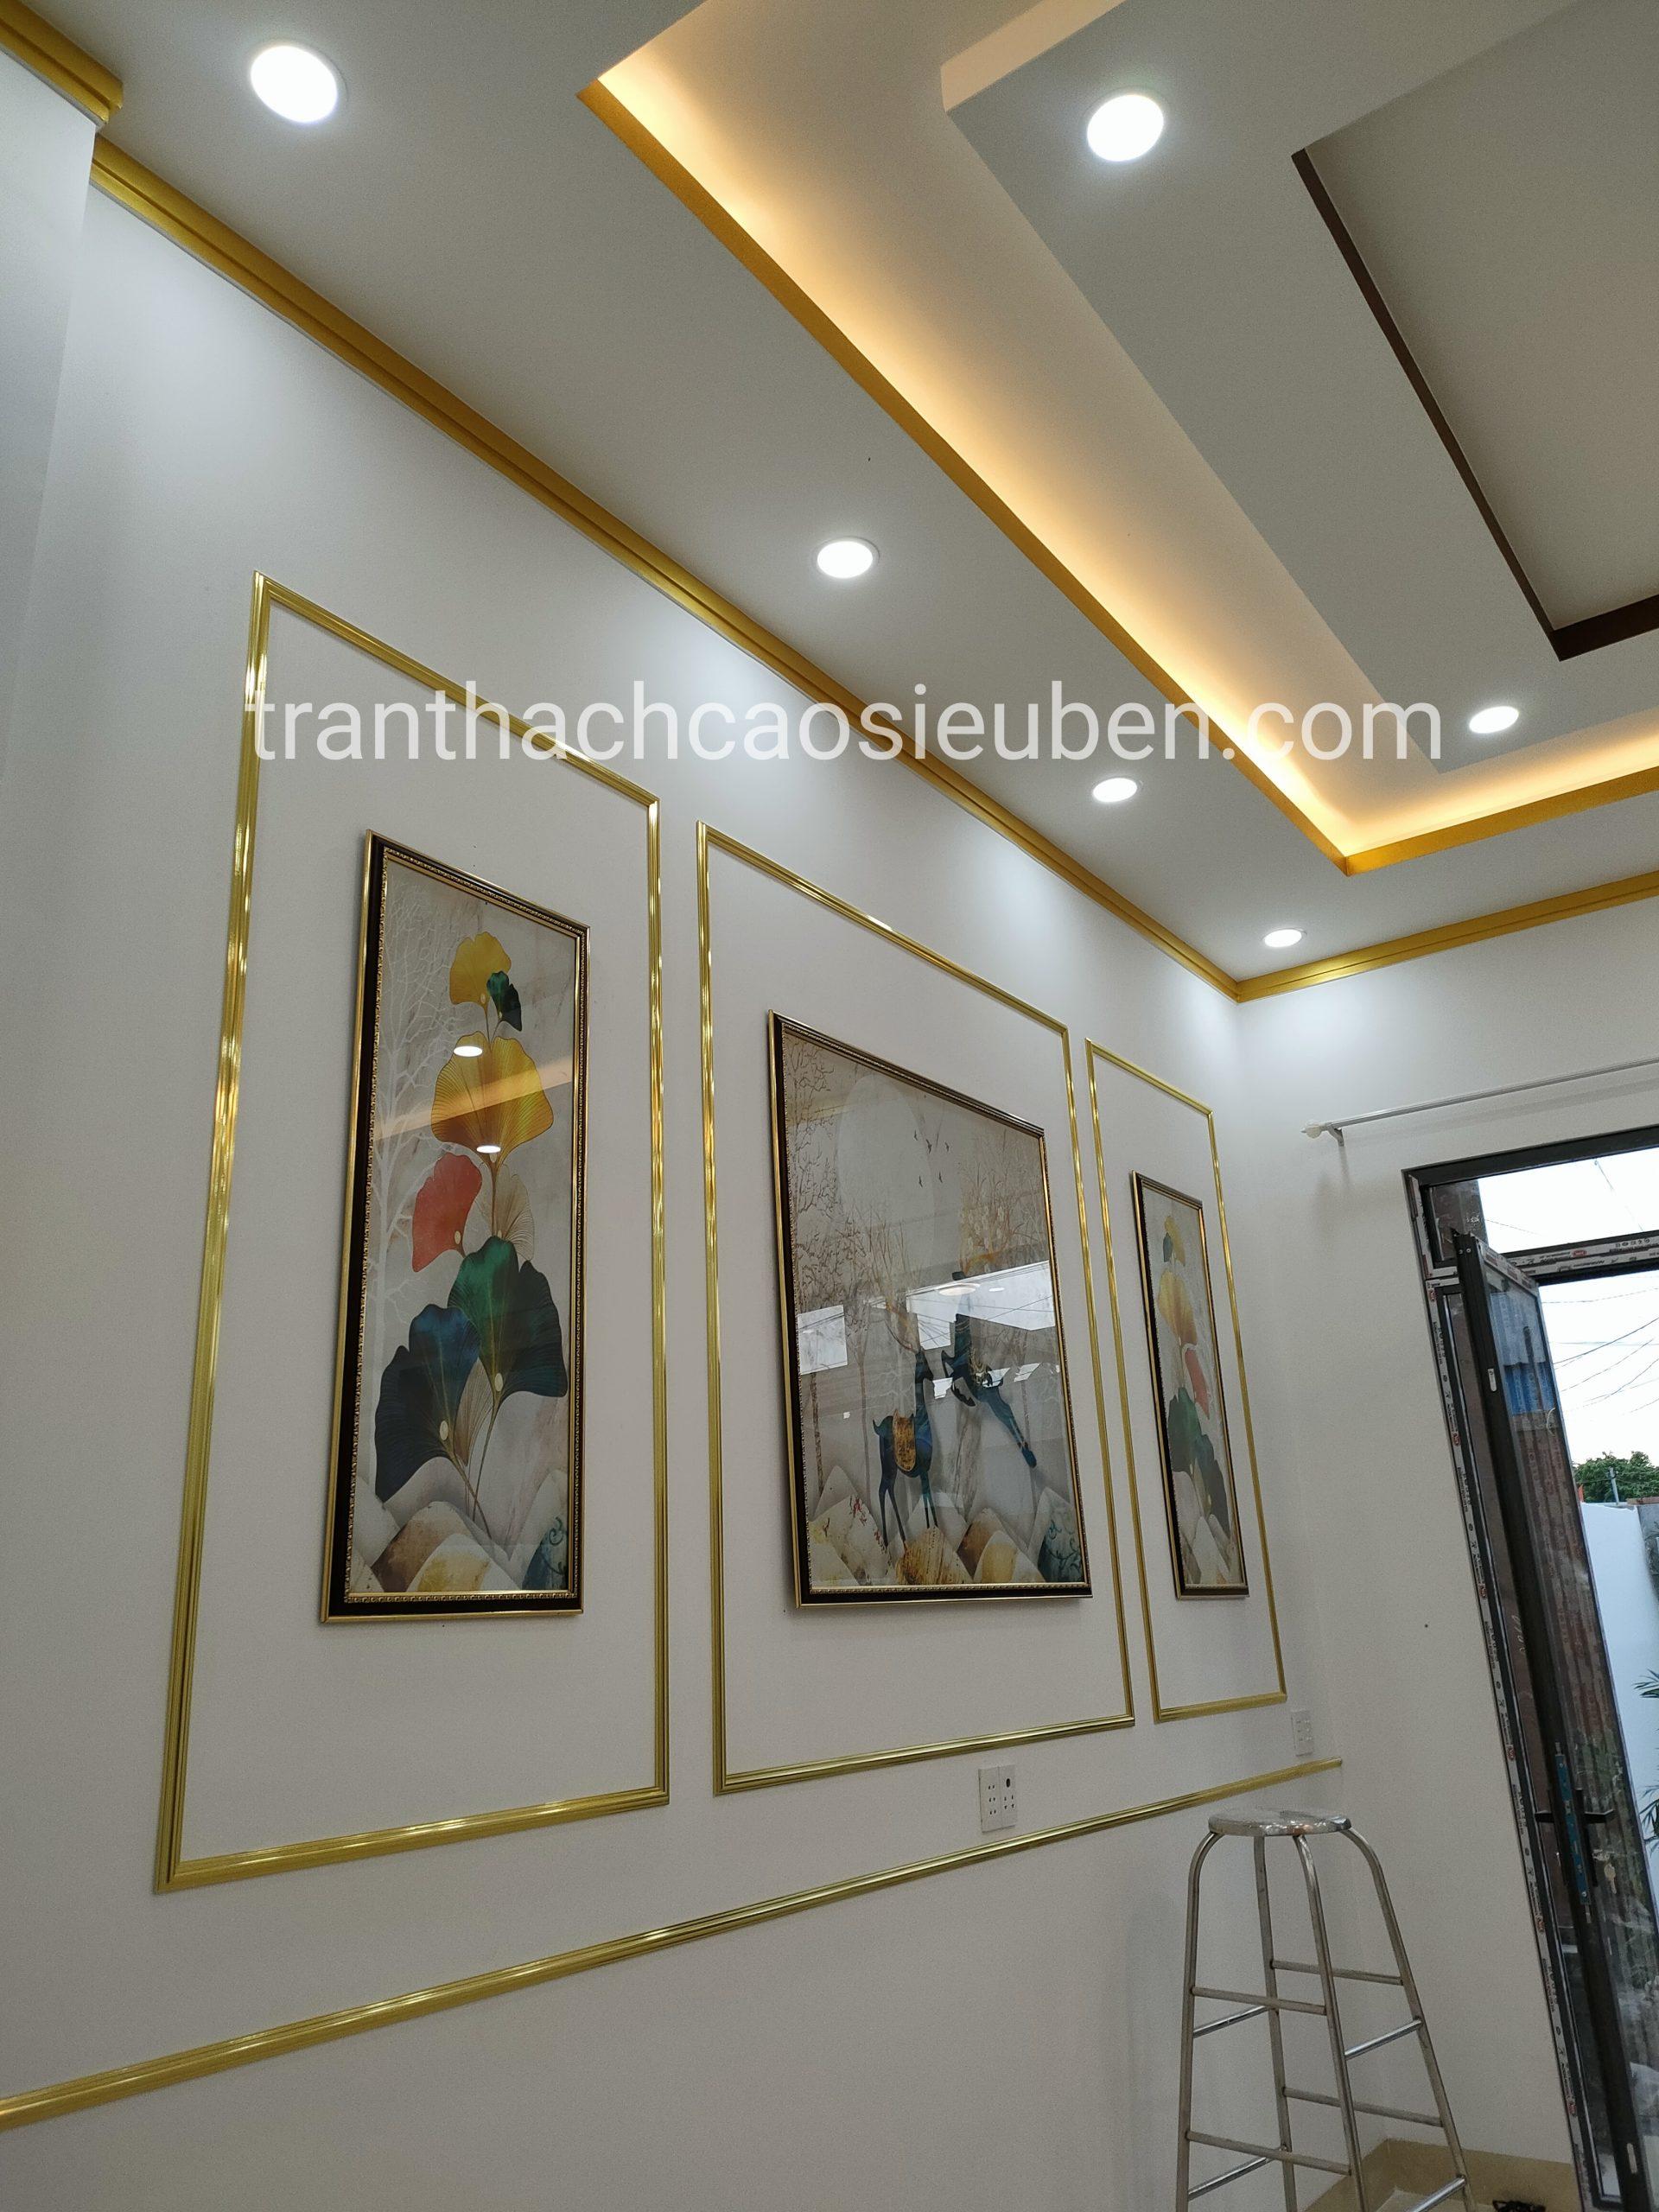 Nội thất quán cafe được thi công chỉnh chu ở TP Hà Tĩnh